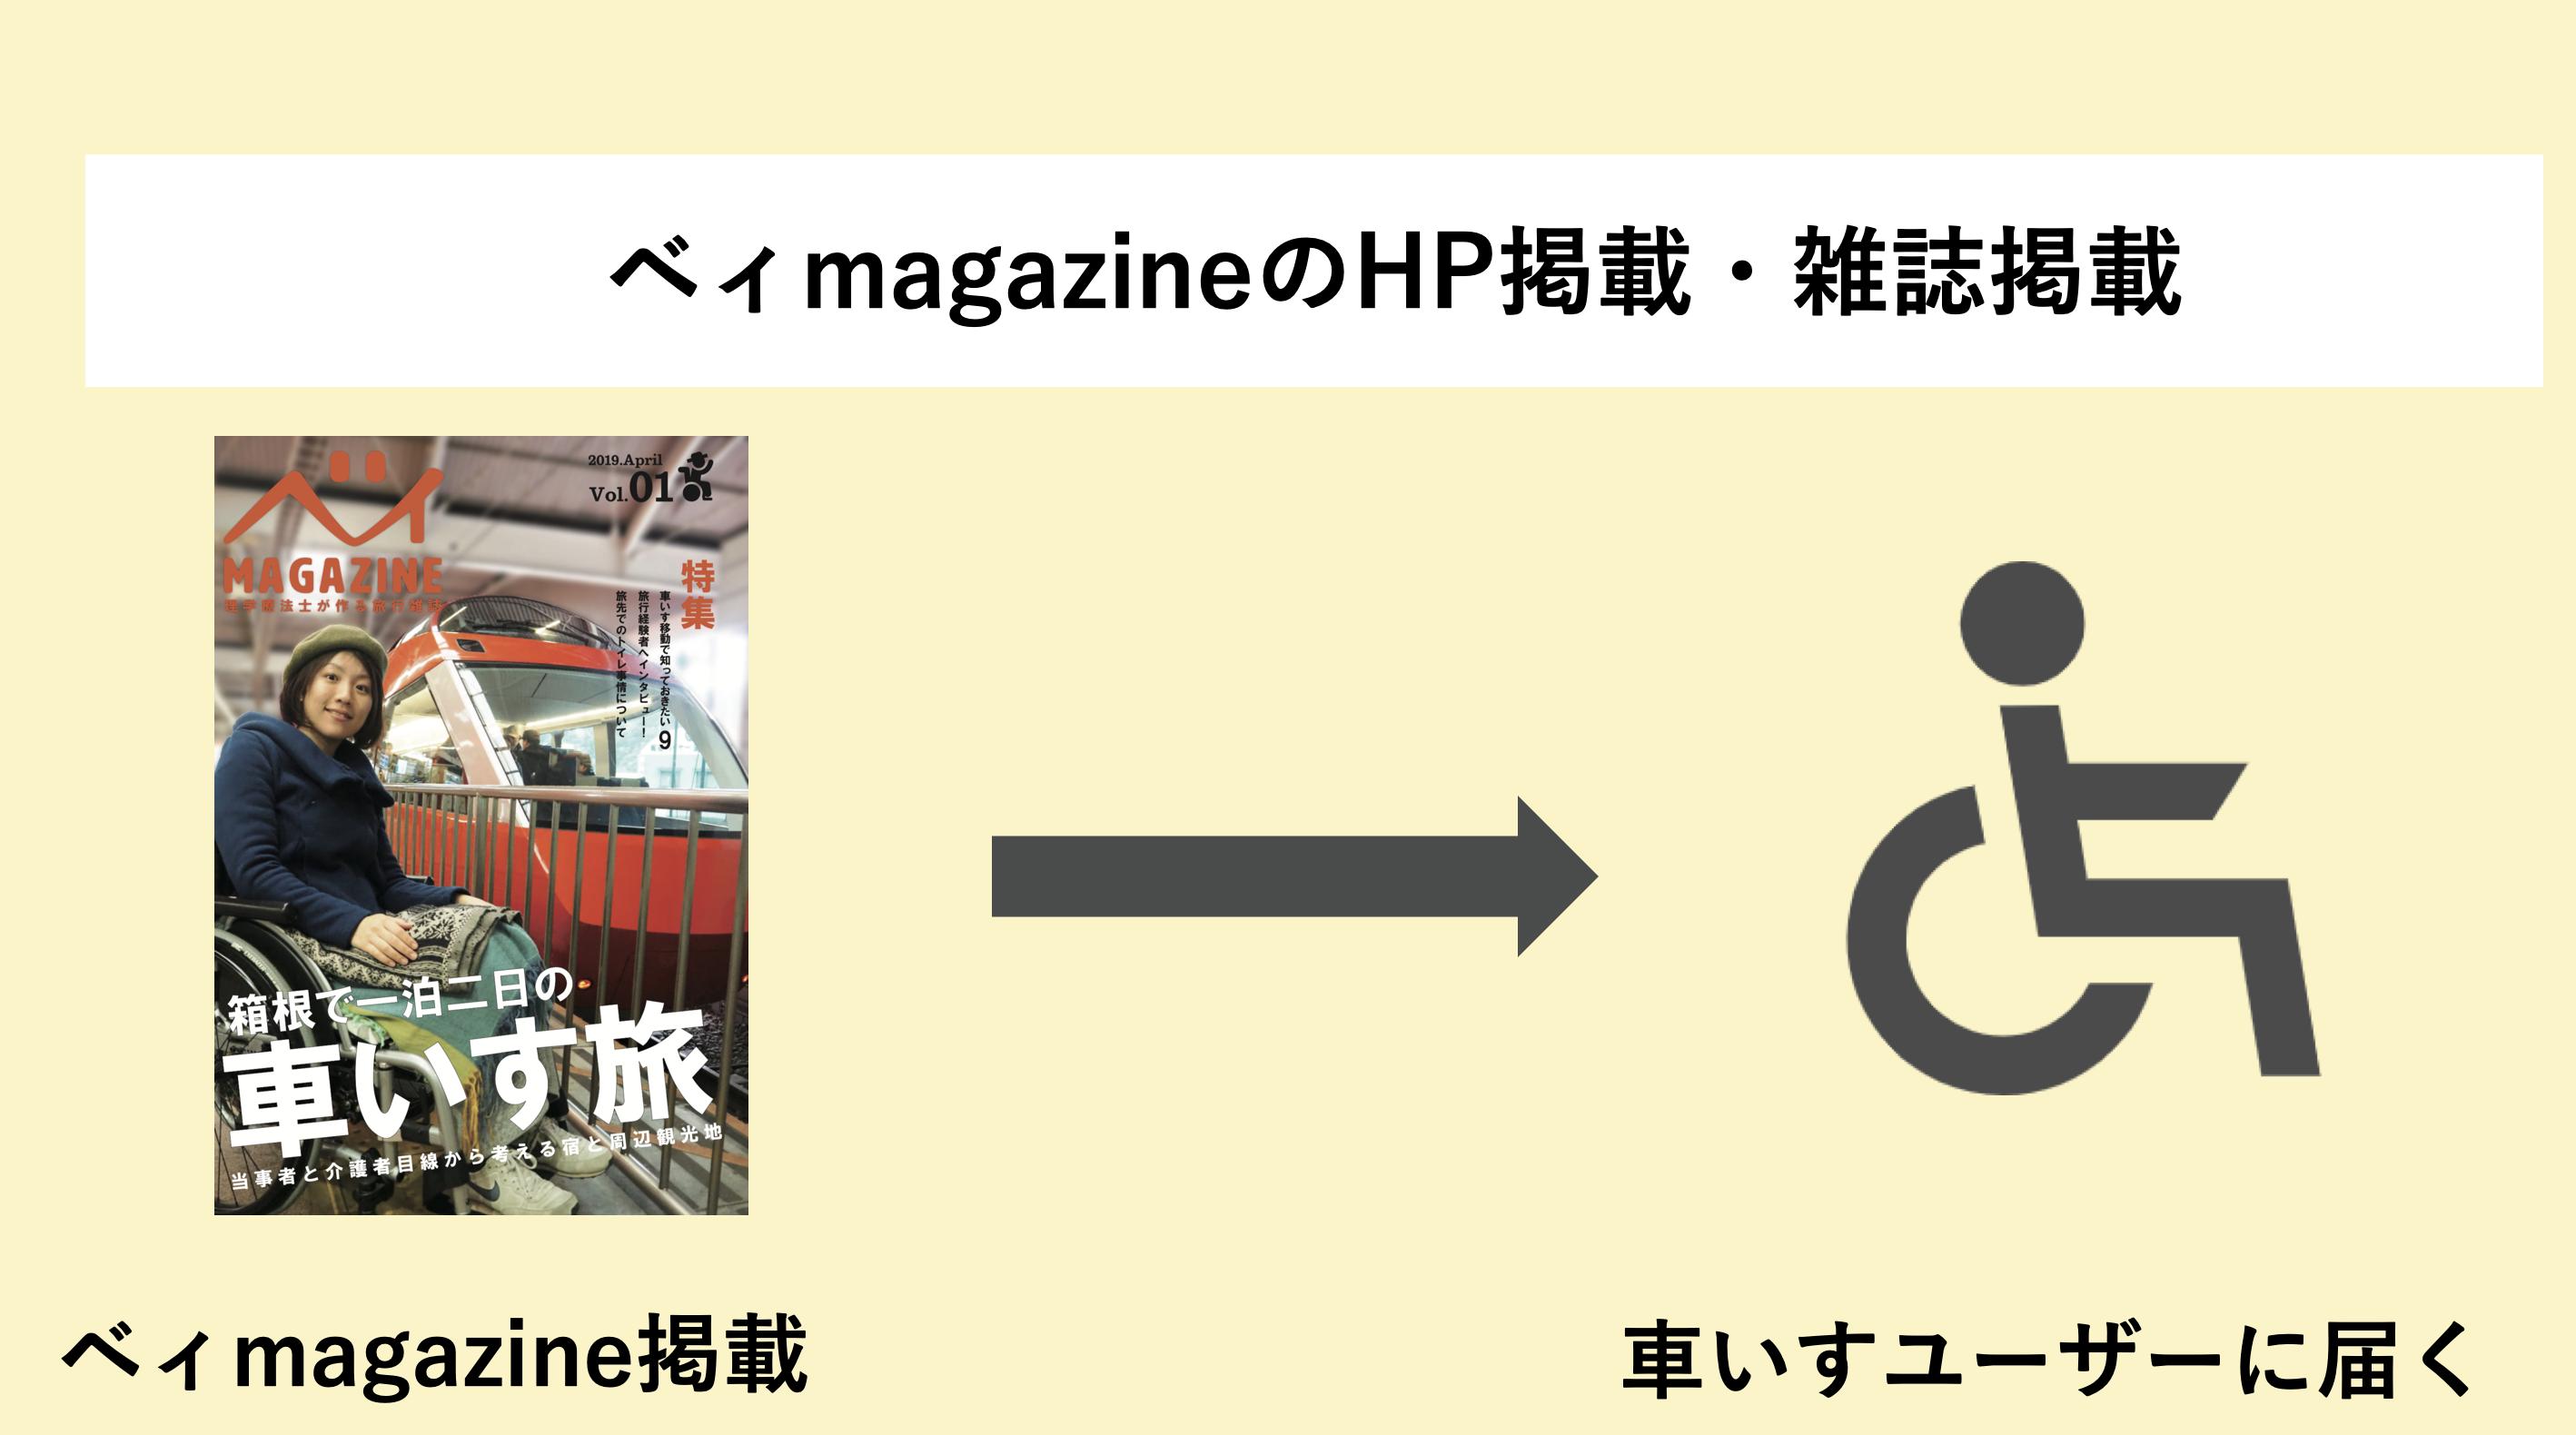 ベィmagazine